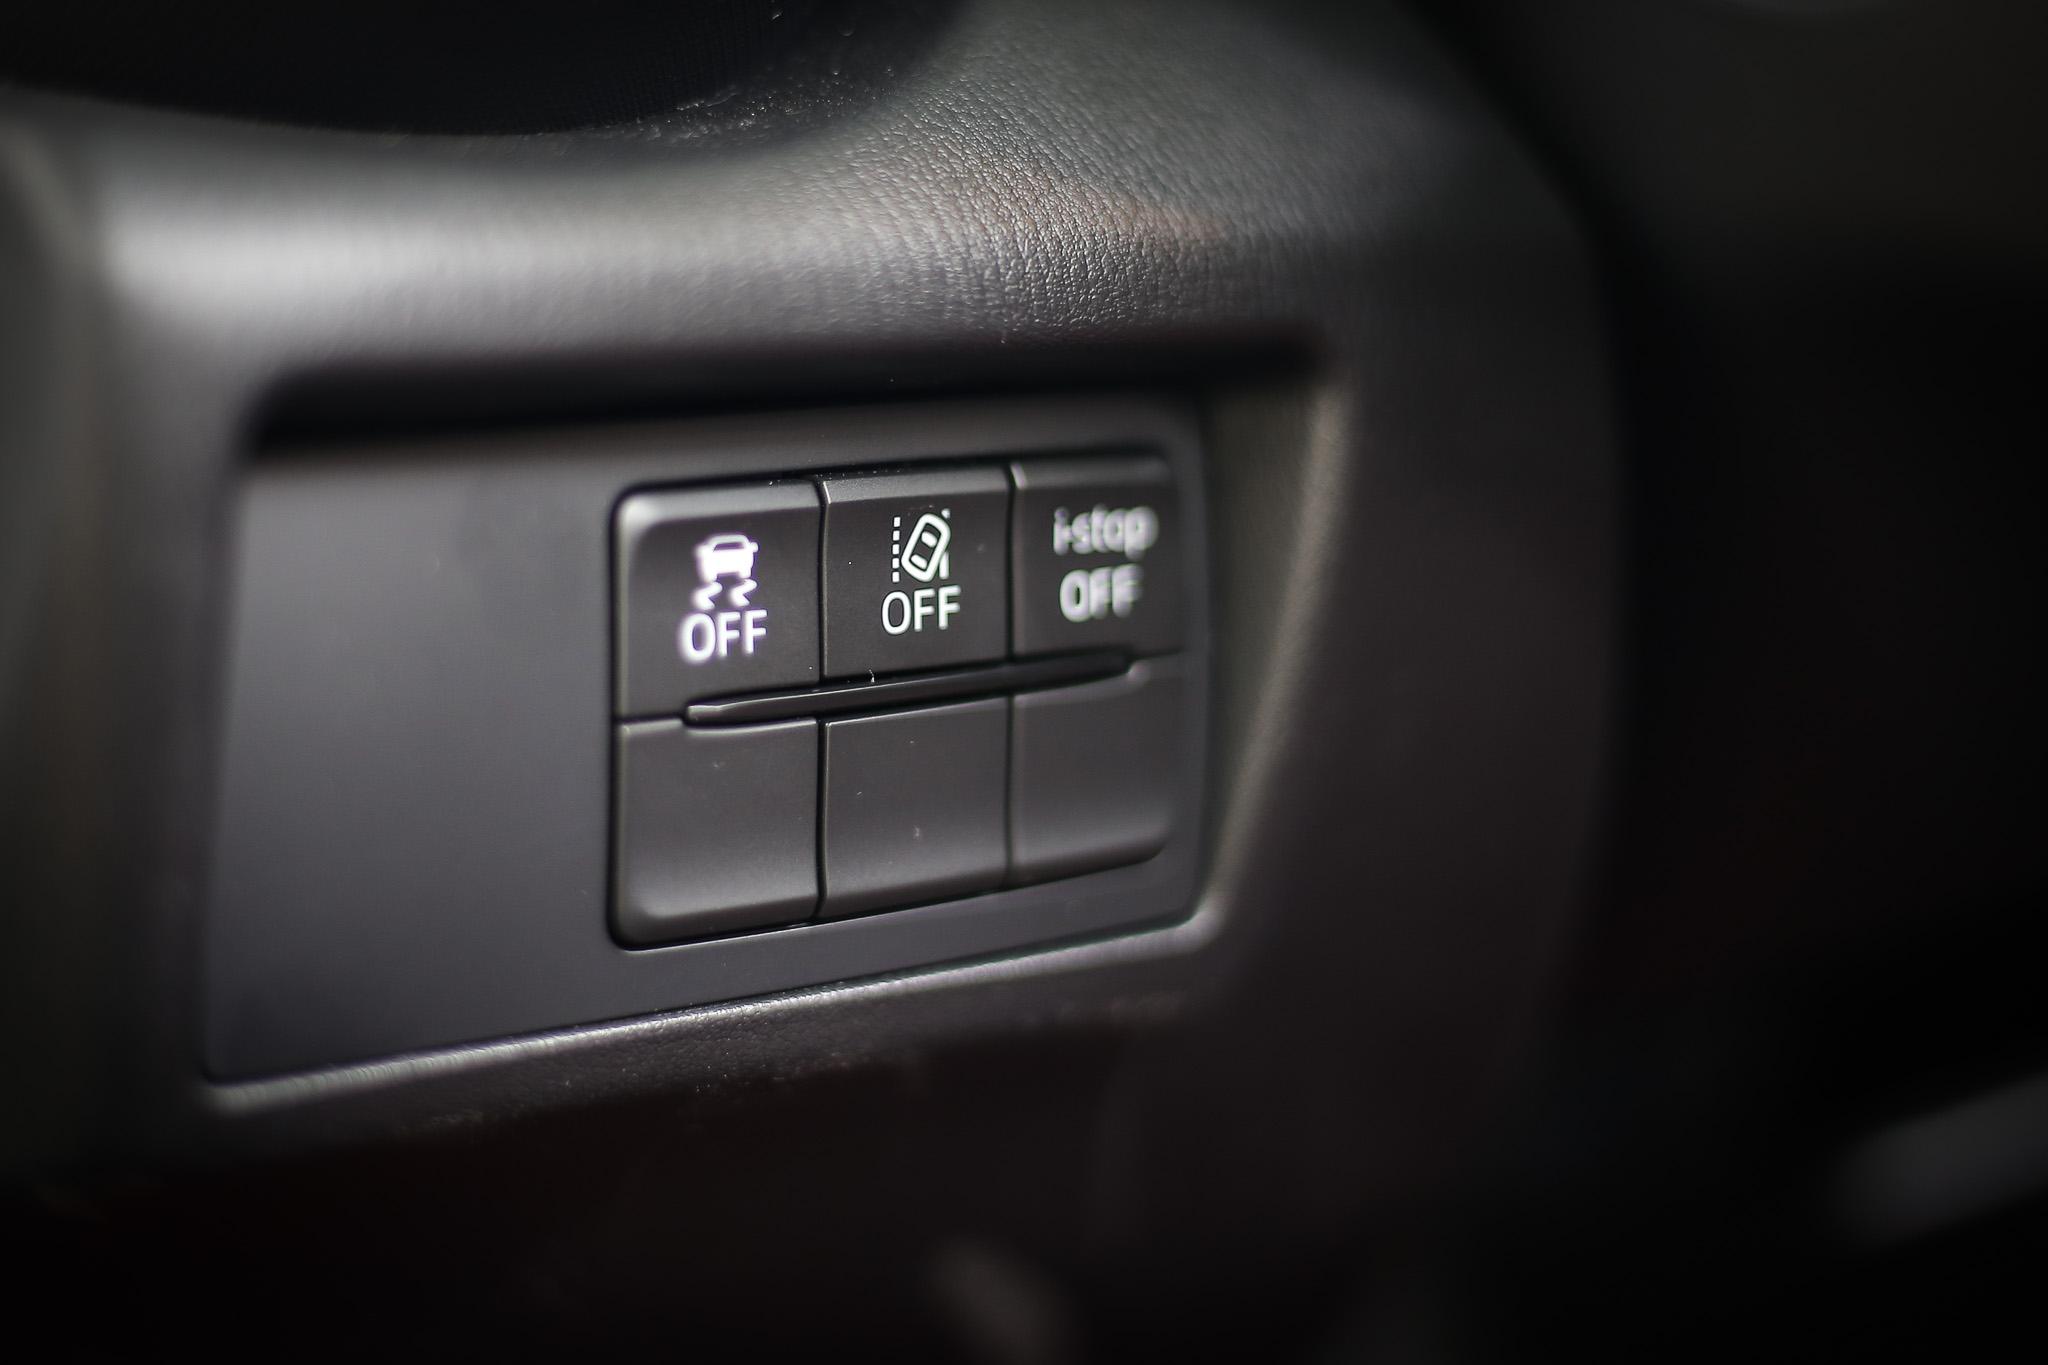 雖然沒有當前時興的 ACC 或車道置中功能,但至少有車道偏移警示系統、盲點偵測系統、後車警示功能等 ADAS 系統。